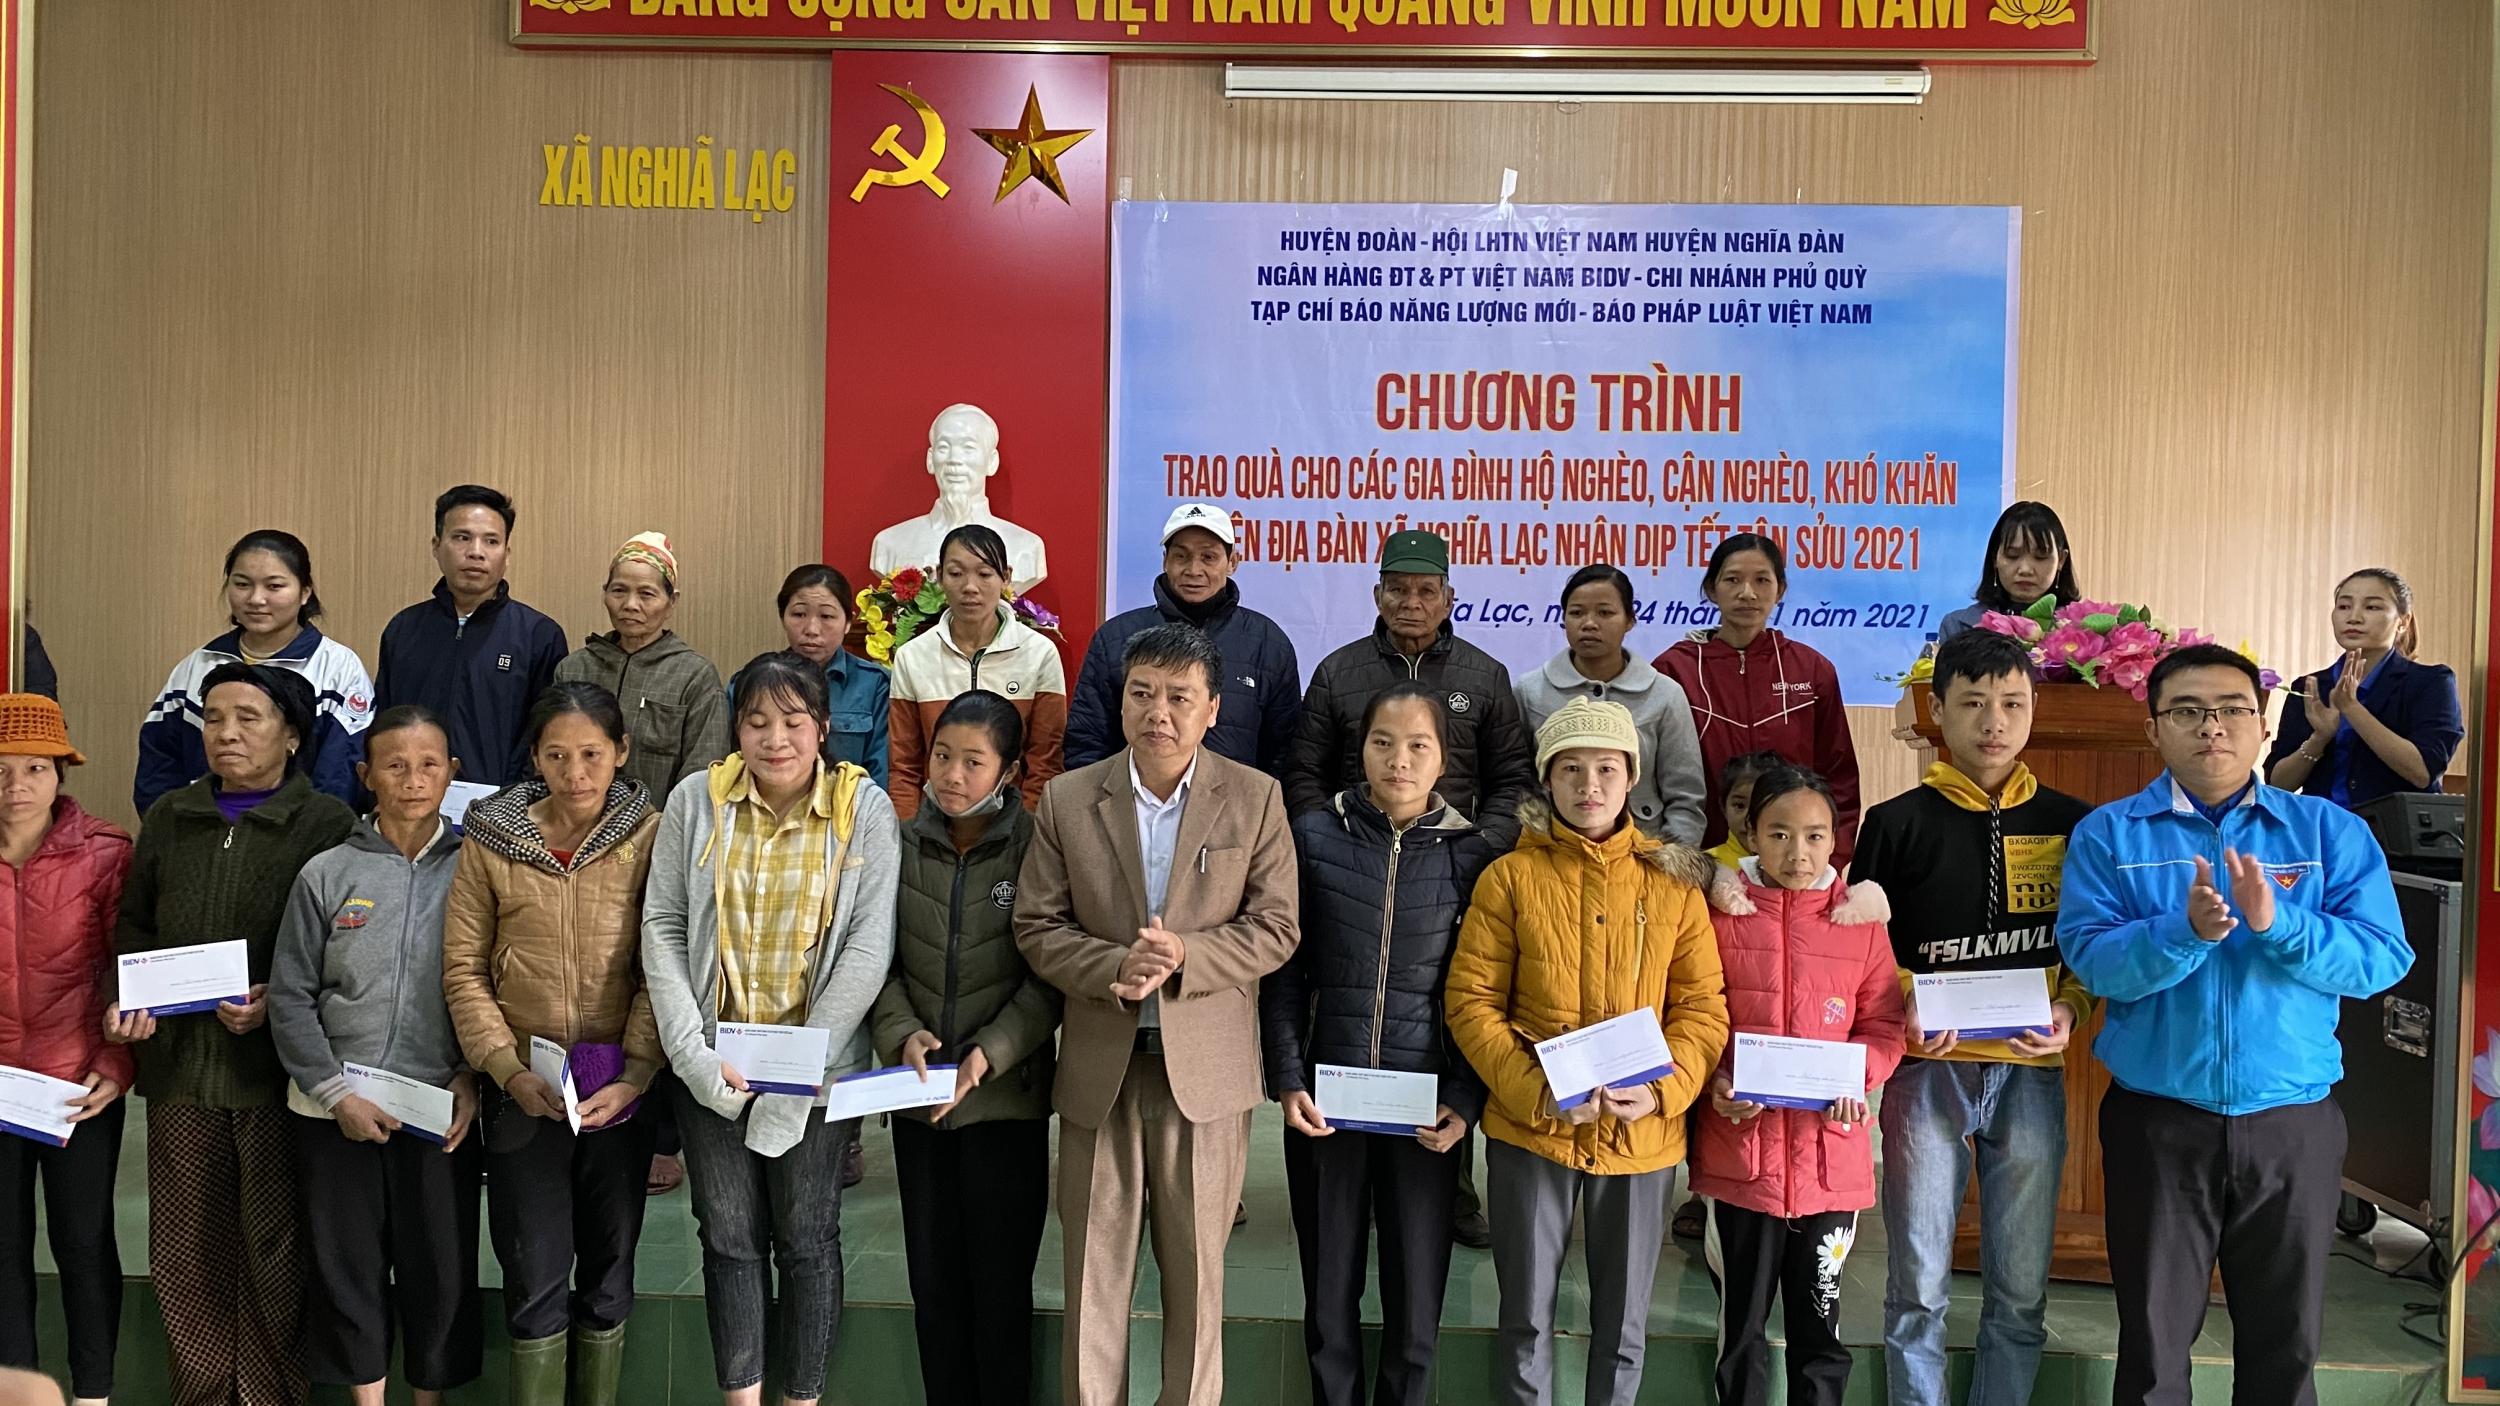 Nghệ An: BIDV Xuân yêu thương 2021 cùng bà con xã Nghĩa Lạc và Quang Tiến